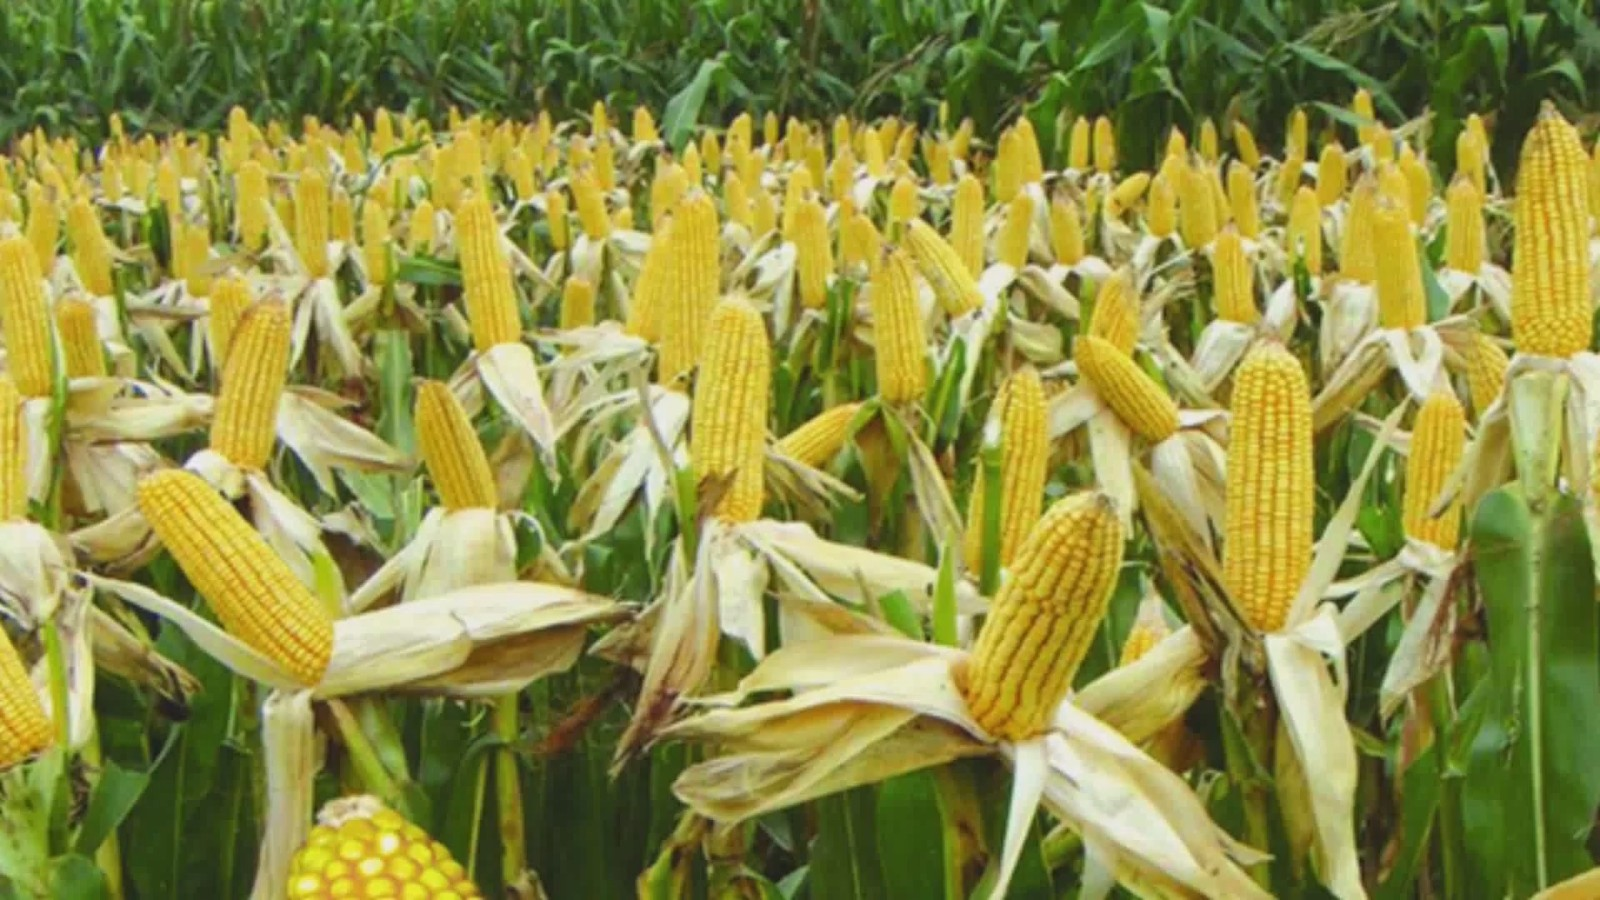 玉米面积扩大了2000多万亩,生产和需求之间的差距缩小了